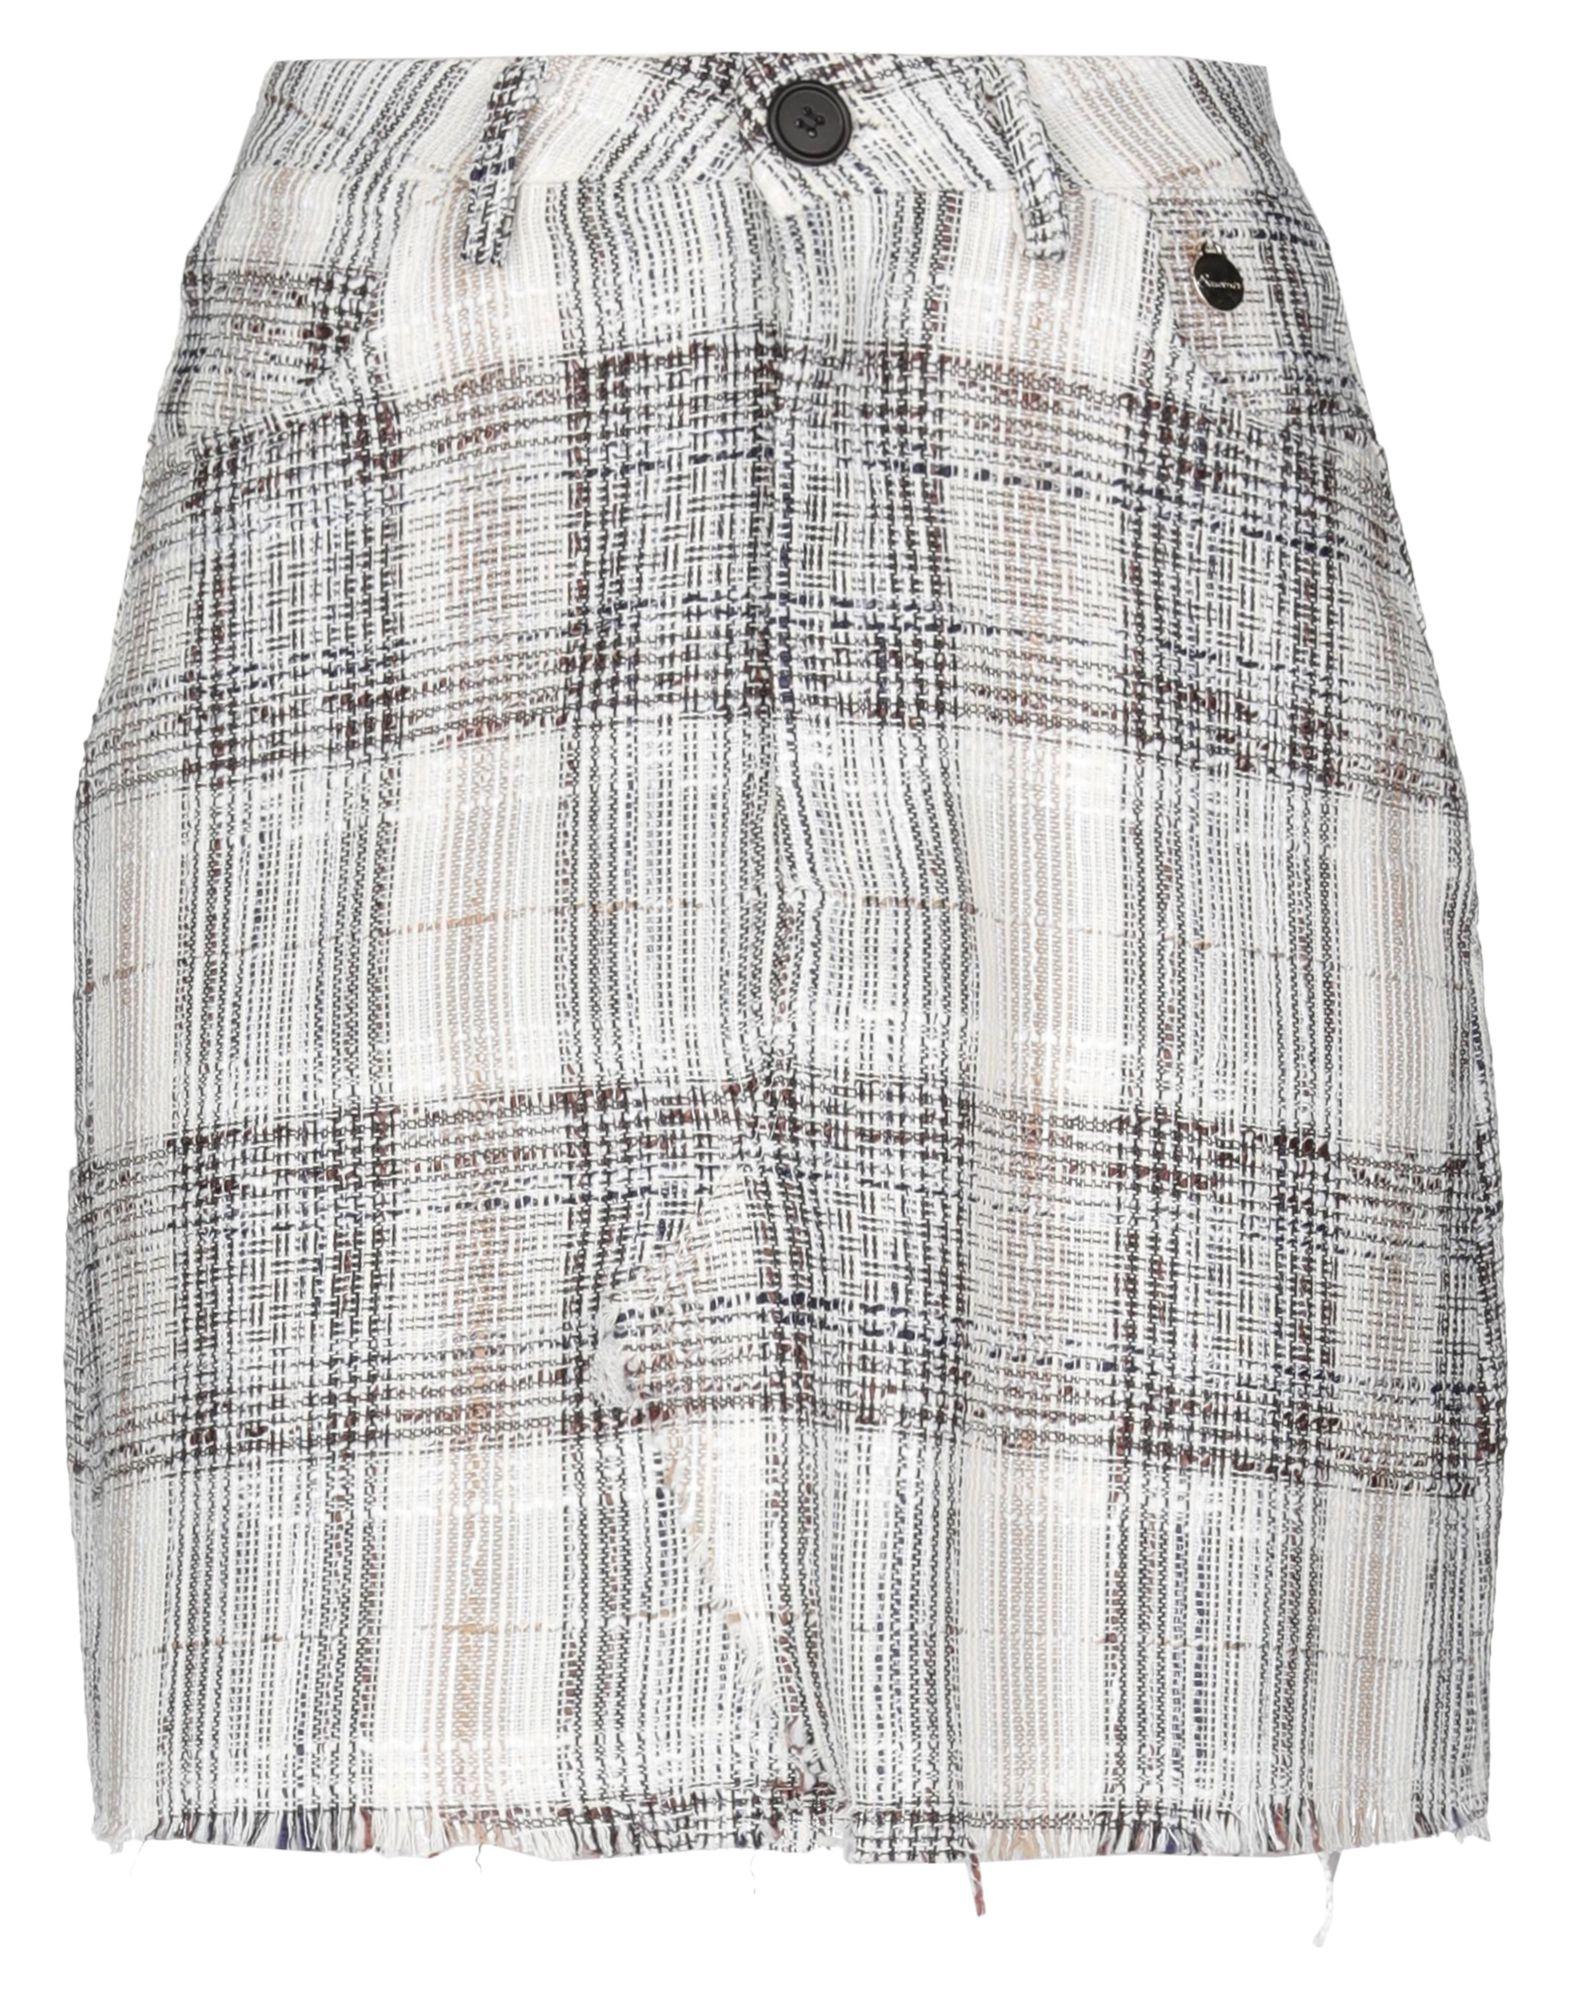 SOUVENIR Мини-юбка павловопосадская шерстяная шаль с шелковой бахромой волшебный узор 148х148 см